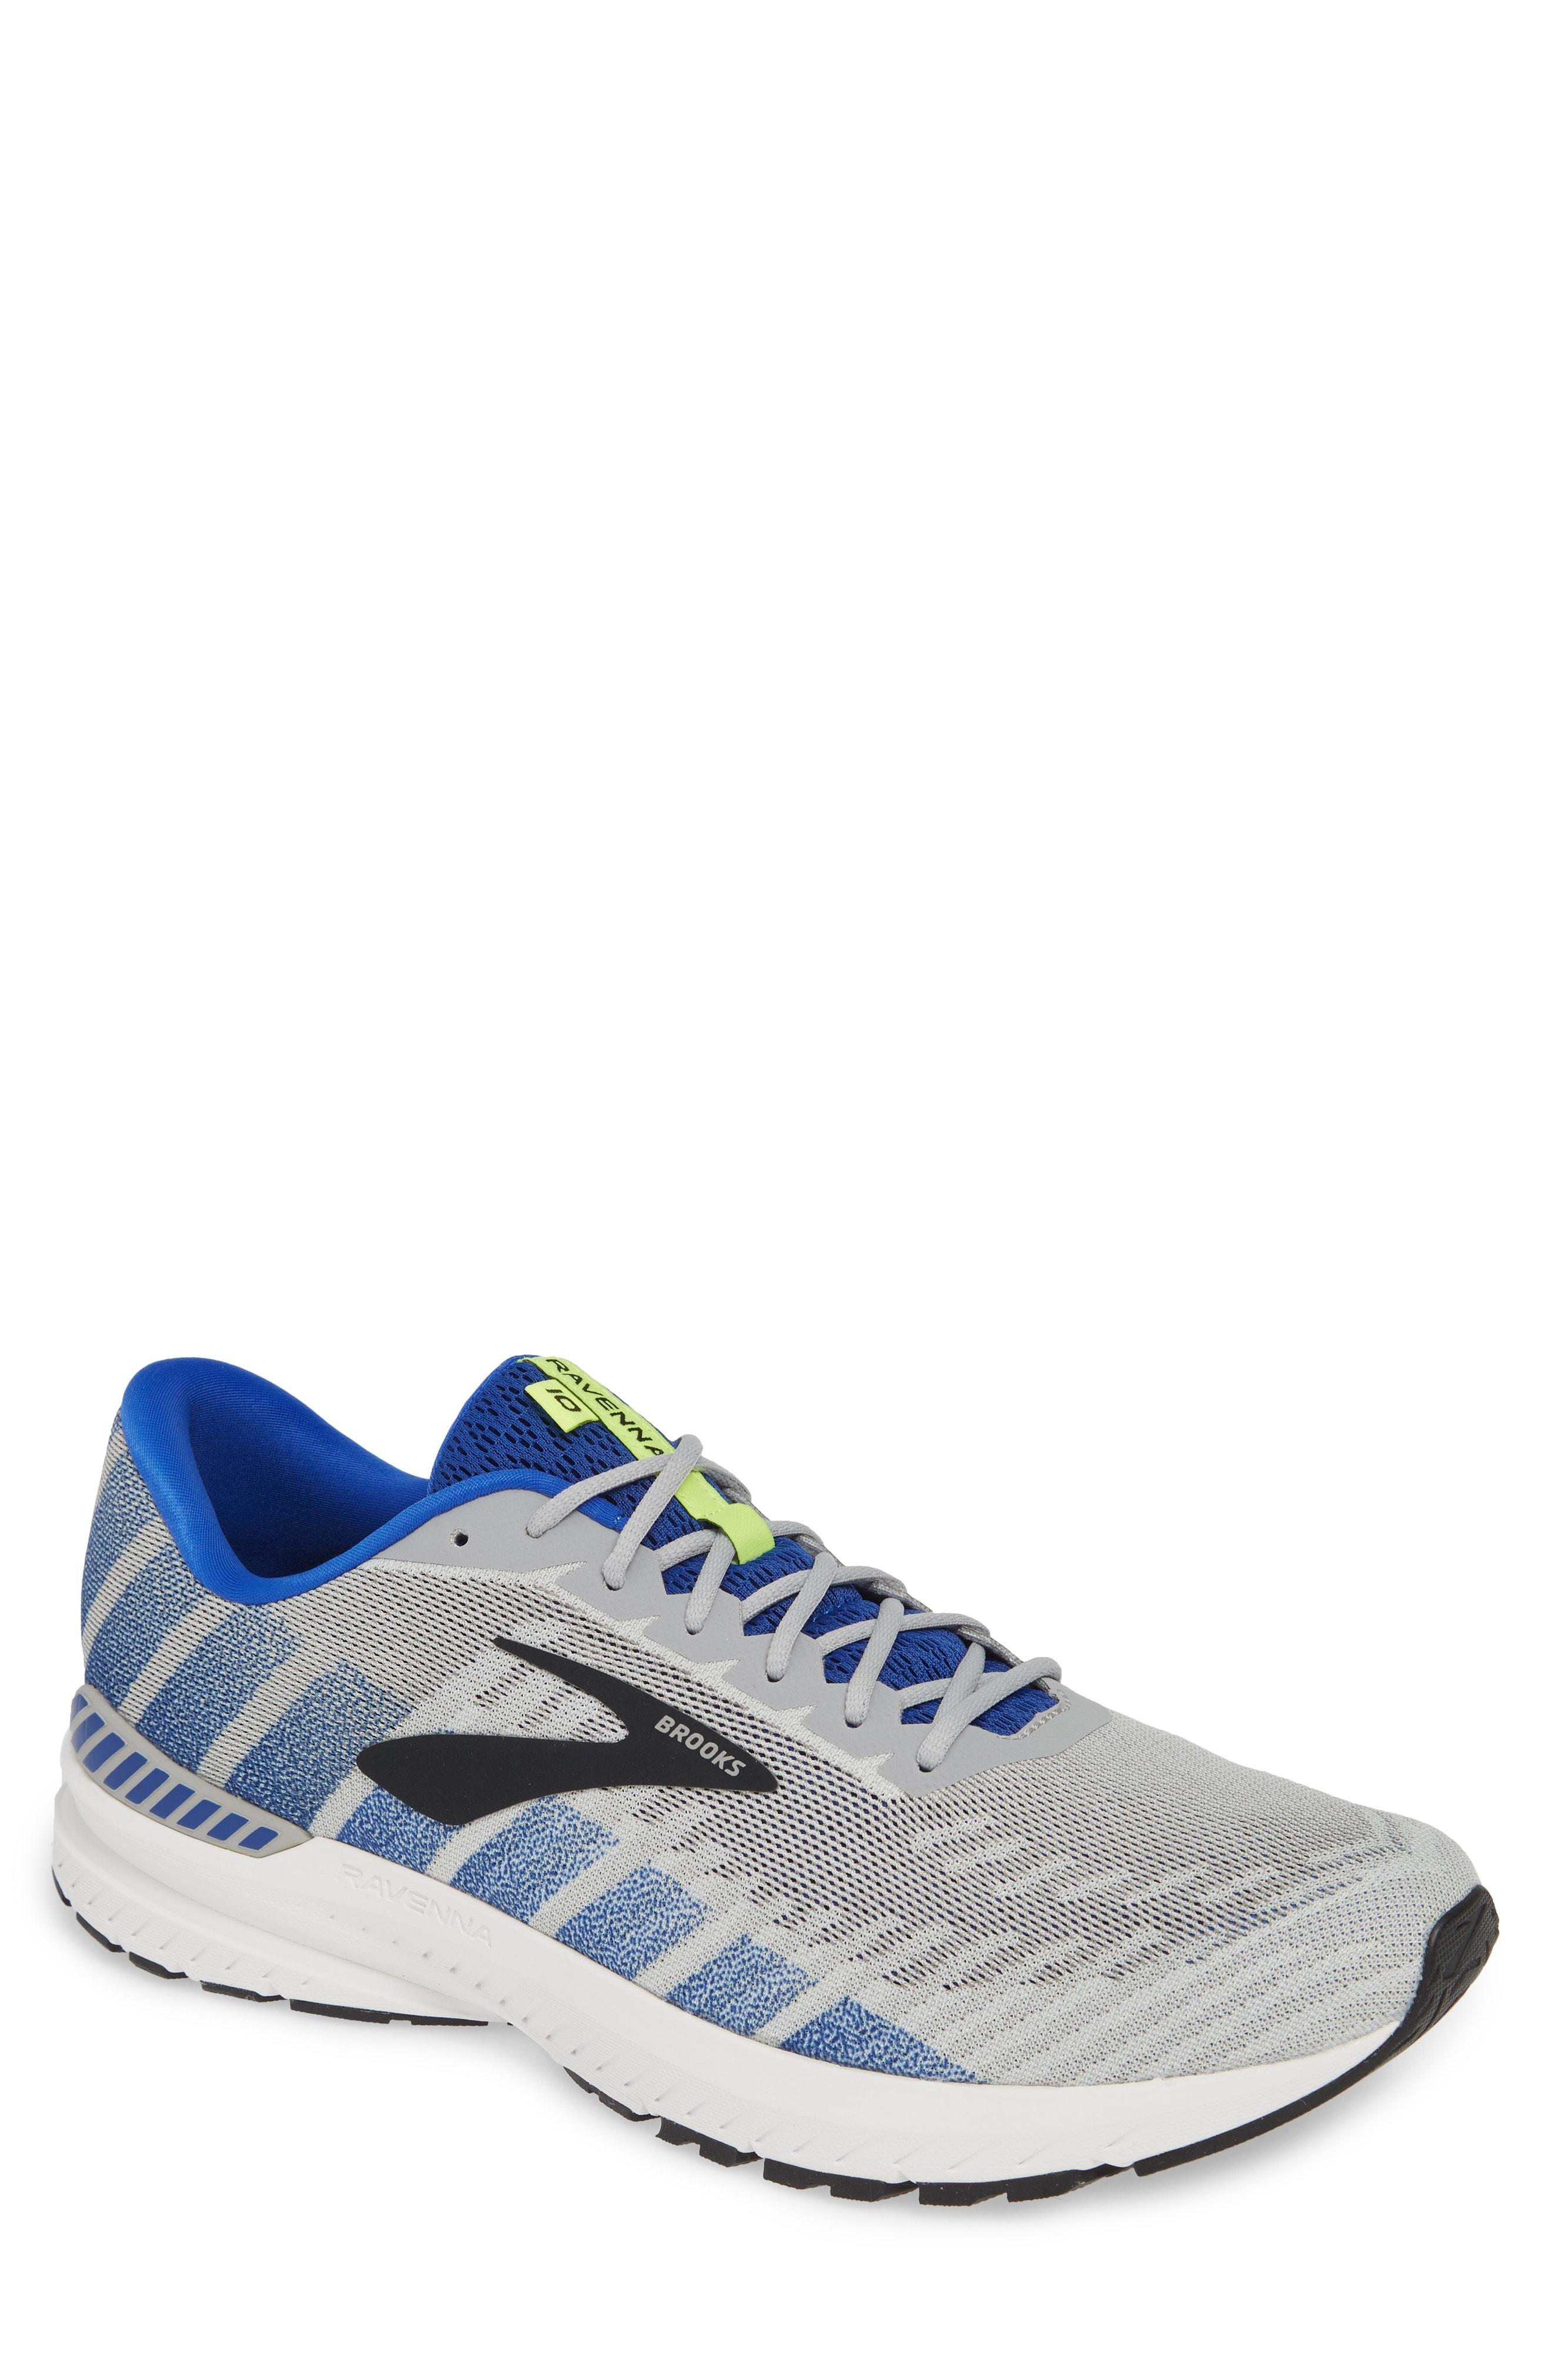 7f9e925c528 Lyst - Brooks Ravenna 10 Running Shoe in Blue for Men